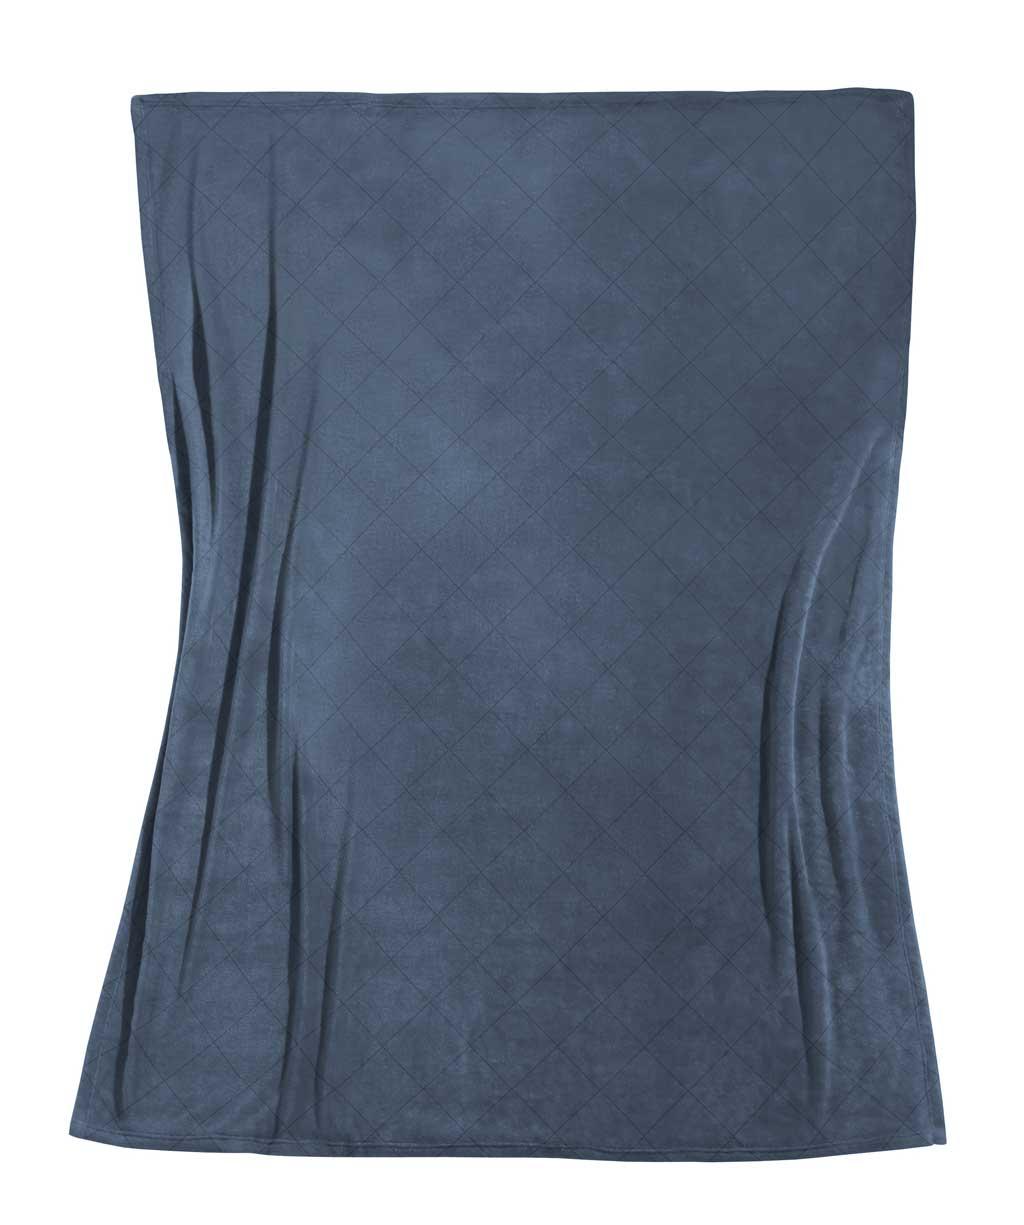 Herrlich weiche dunkelgraue Decke aus Edel-Flanell mit Steppung